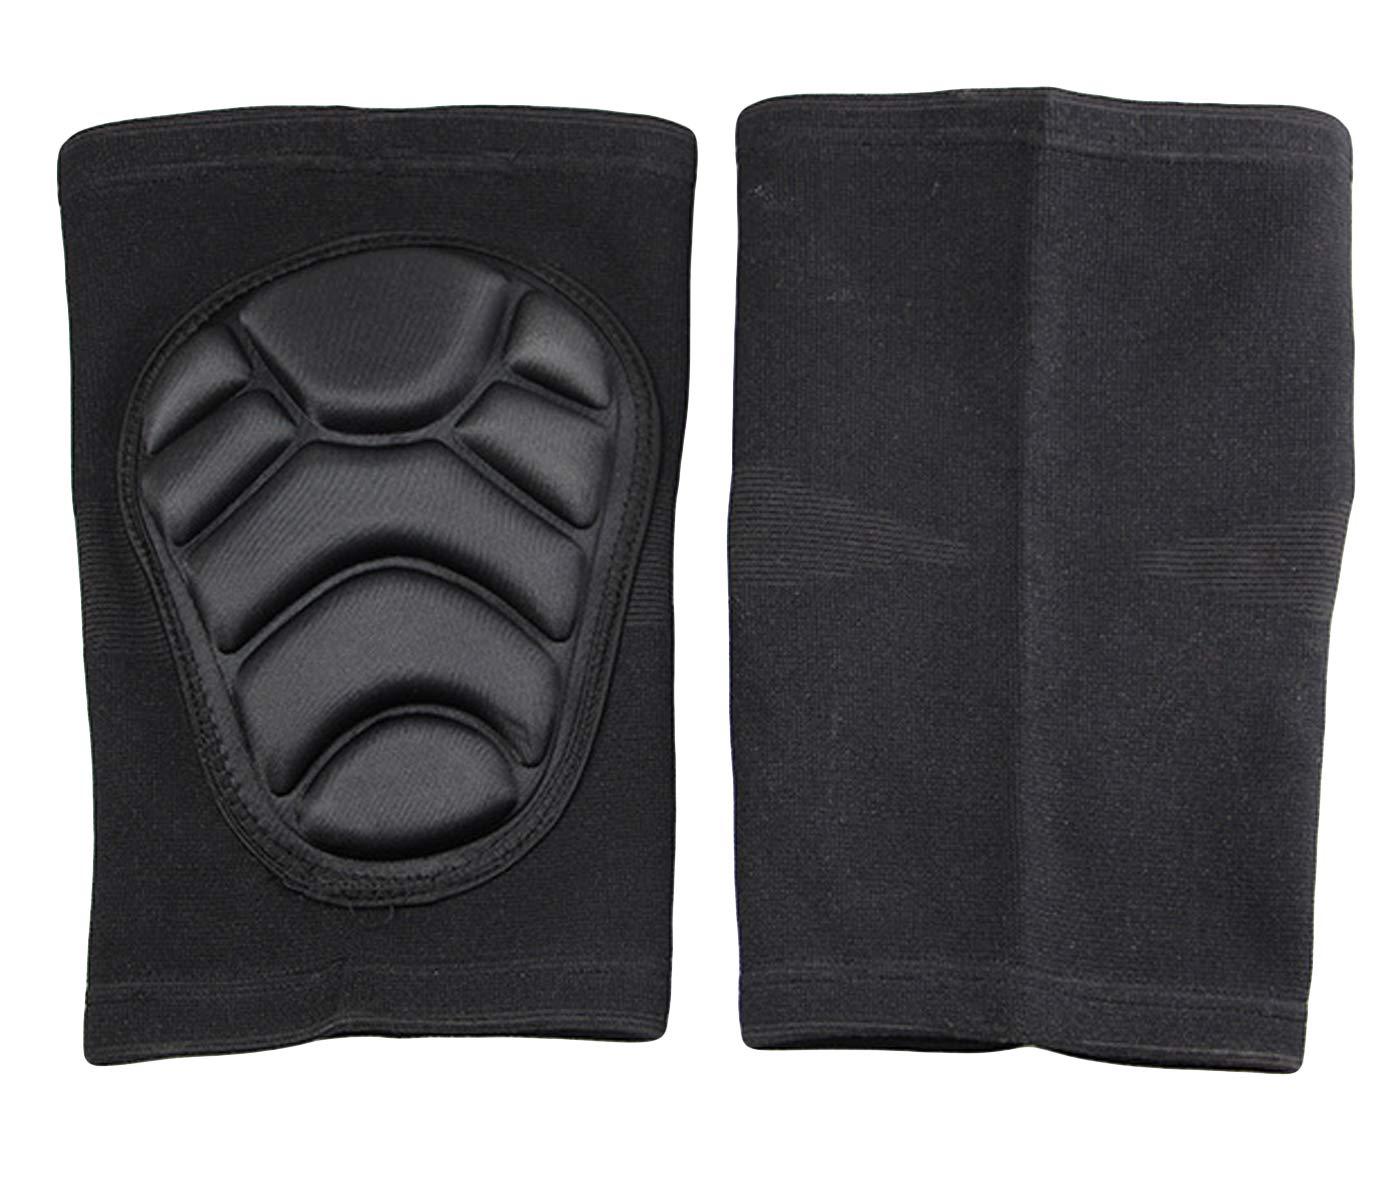 NIGOLS Genouill/ères de Protection /épaisses en /éponge Anti-Collision pour l/'ext/érieur enveloppe Simple l/'Escalade et Le Sport